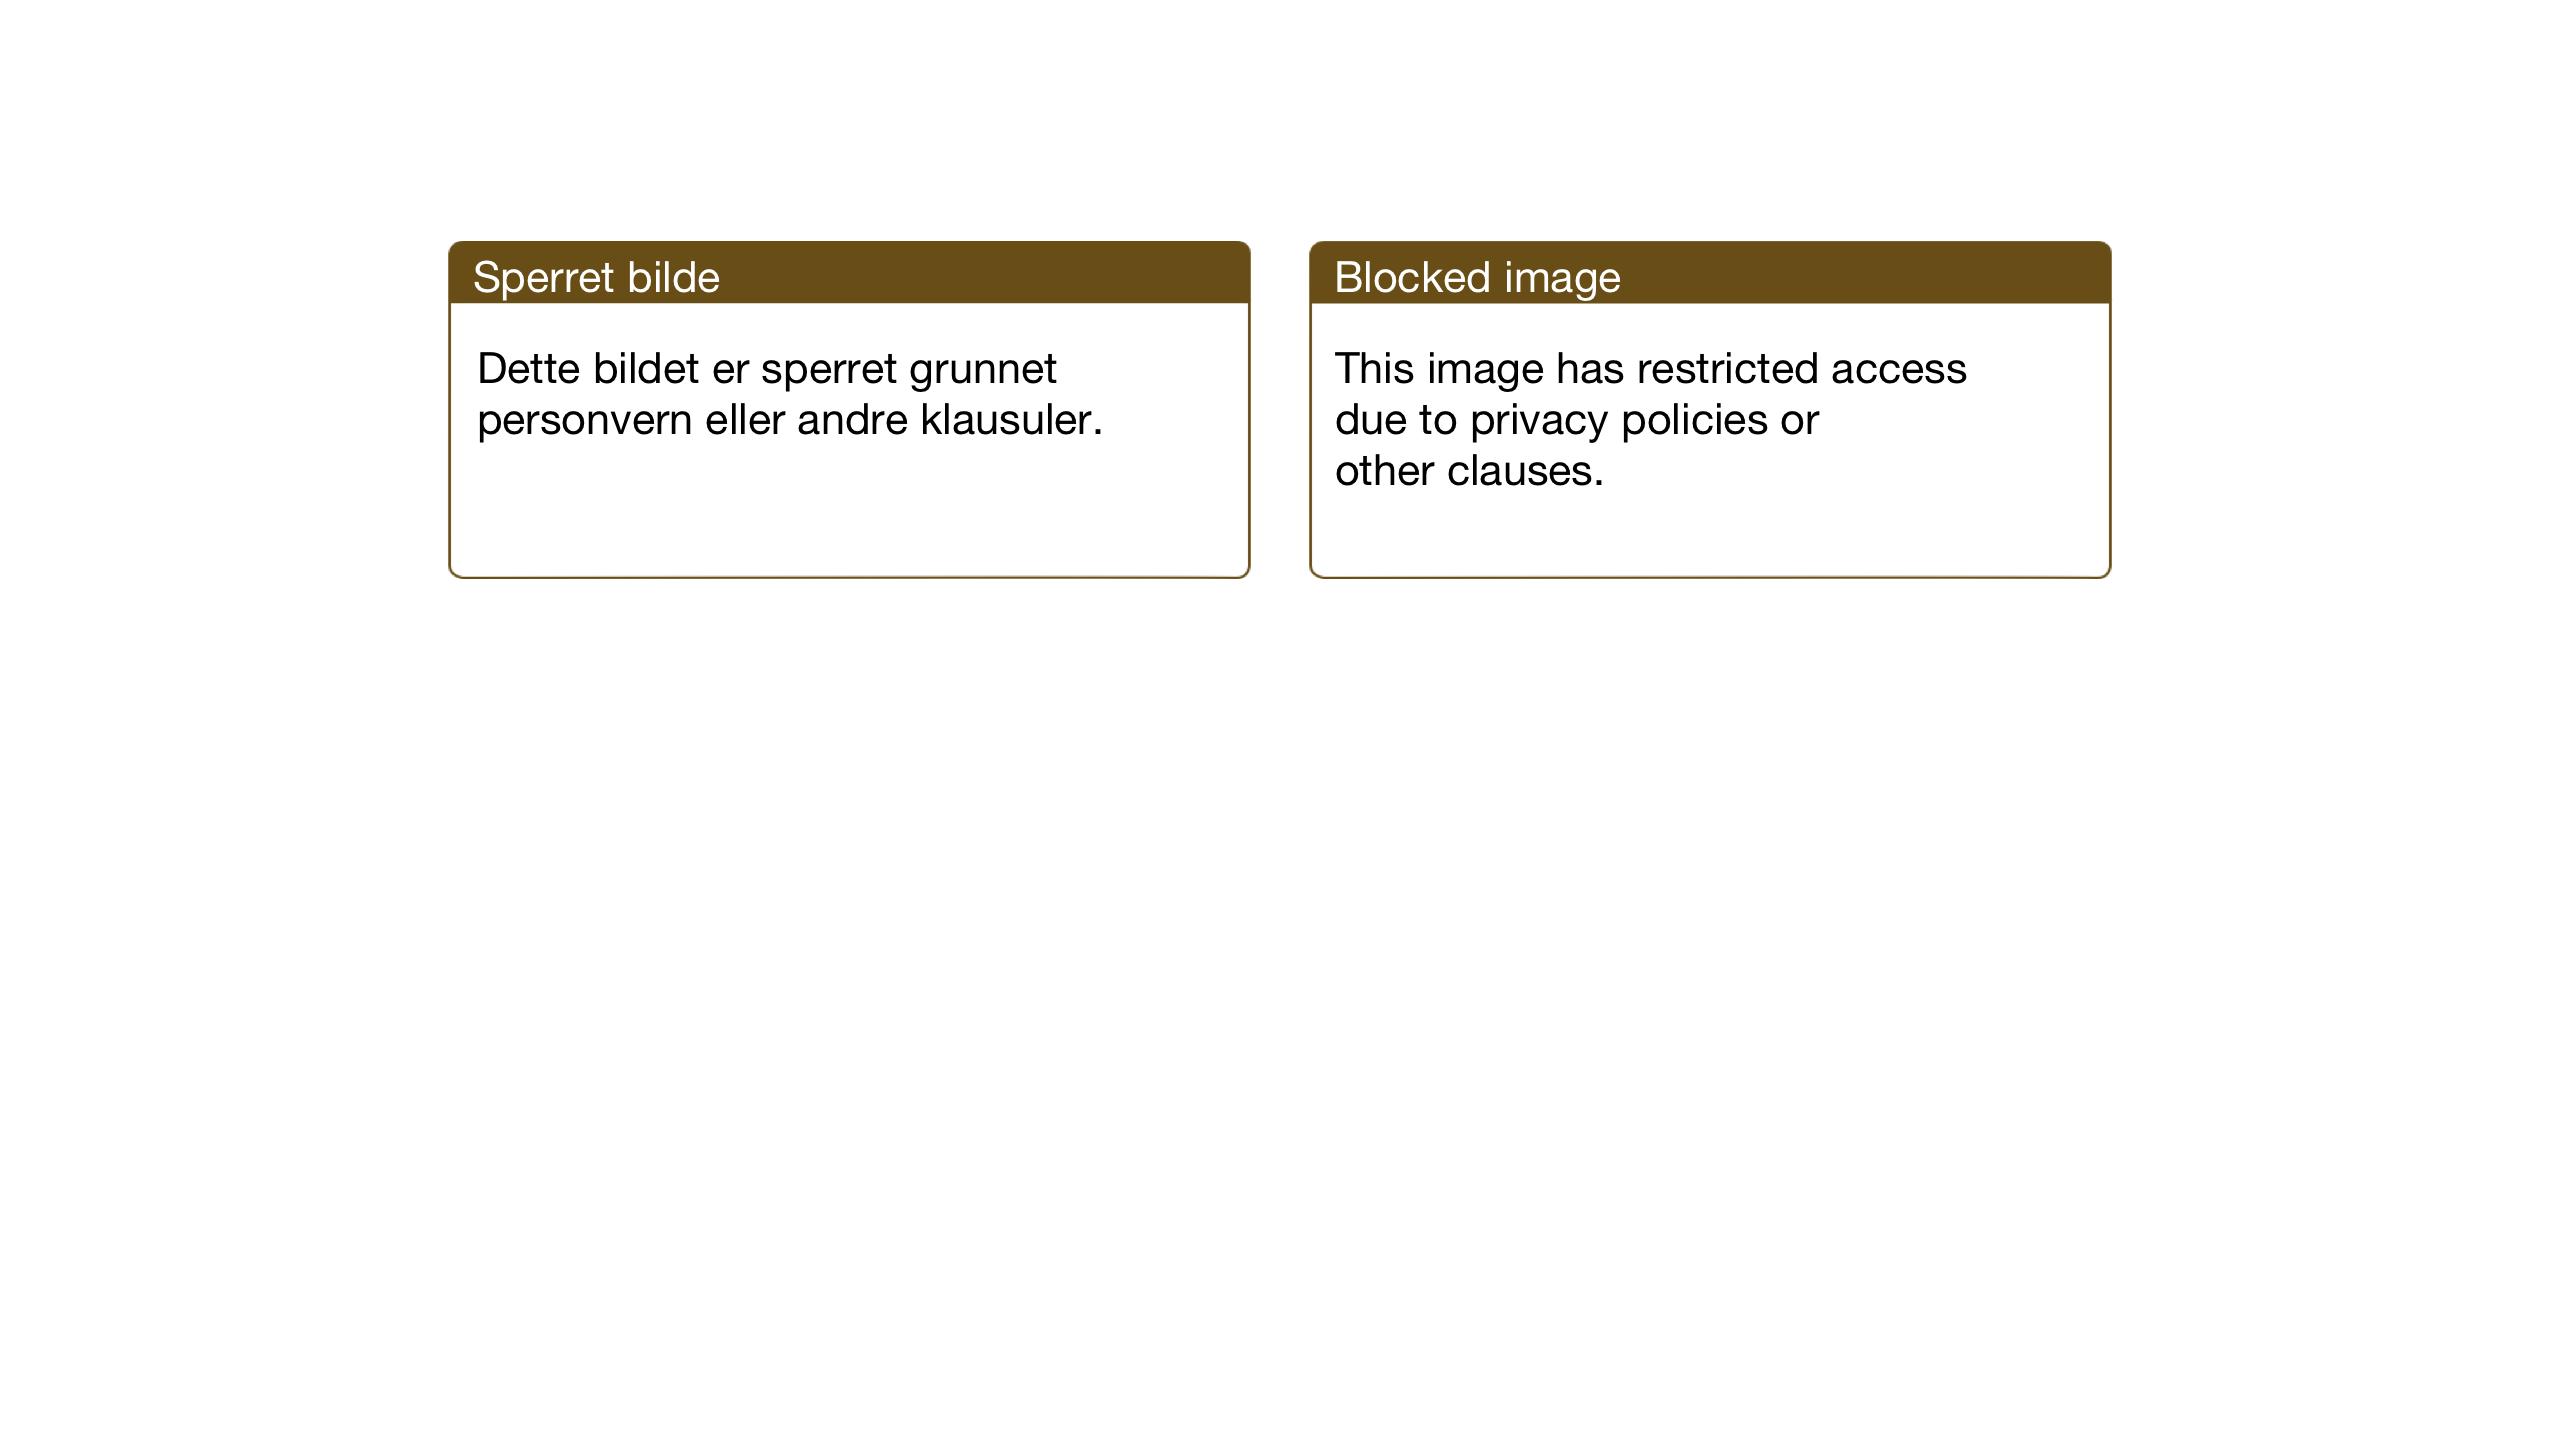 RA, Justisdepartementet, Sivilavdelingen (RA/S-6490), 2000, s. 114